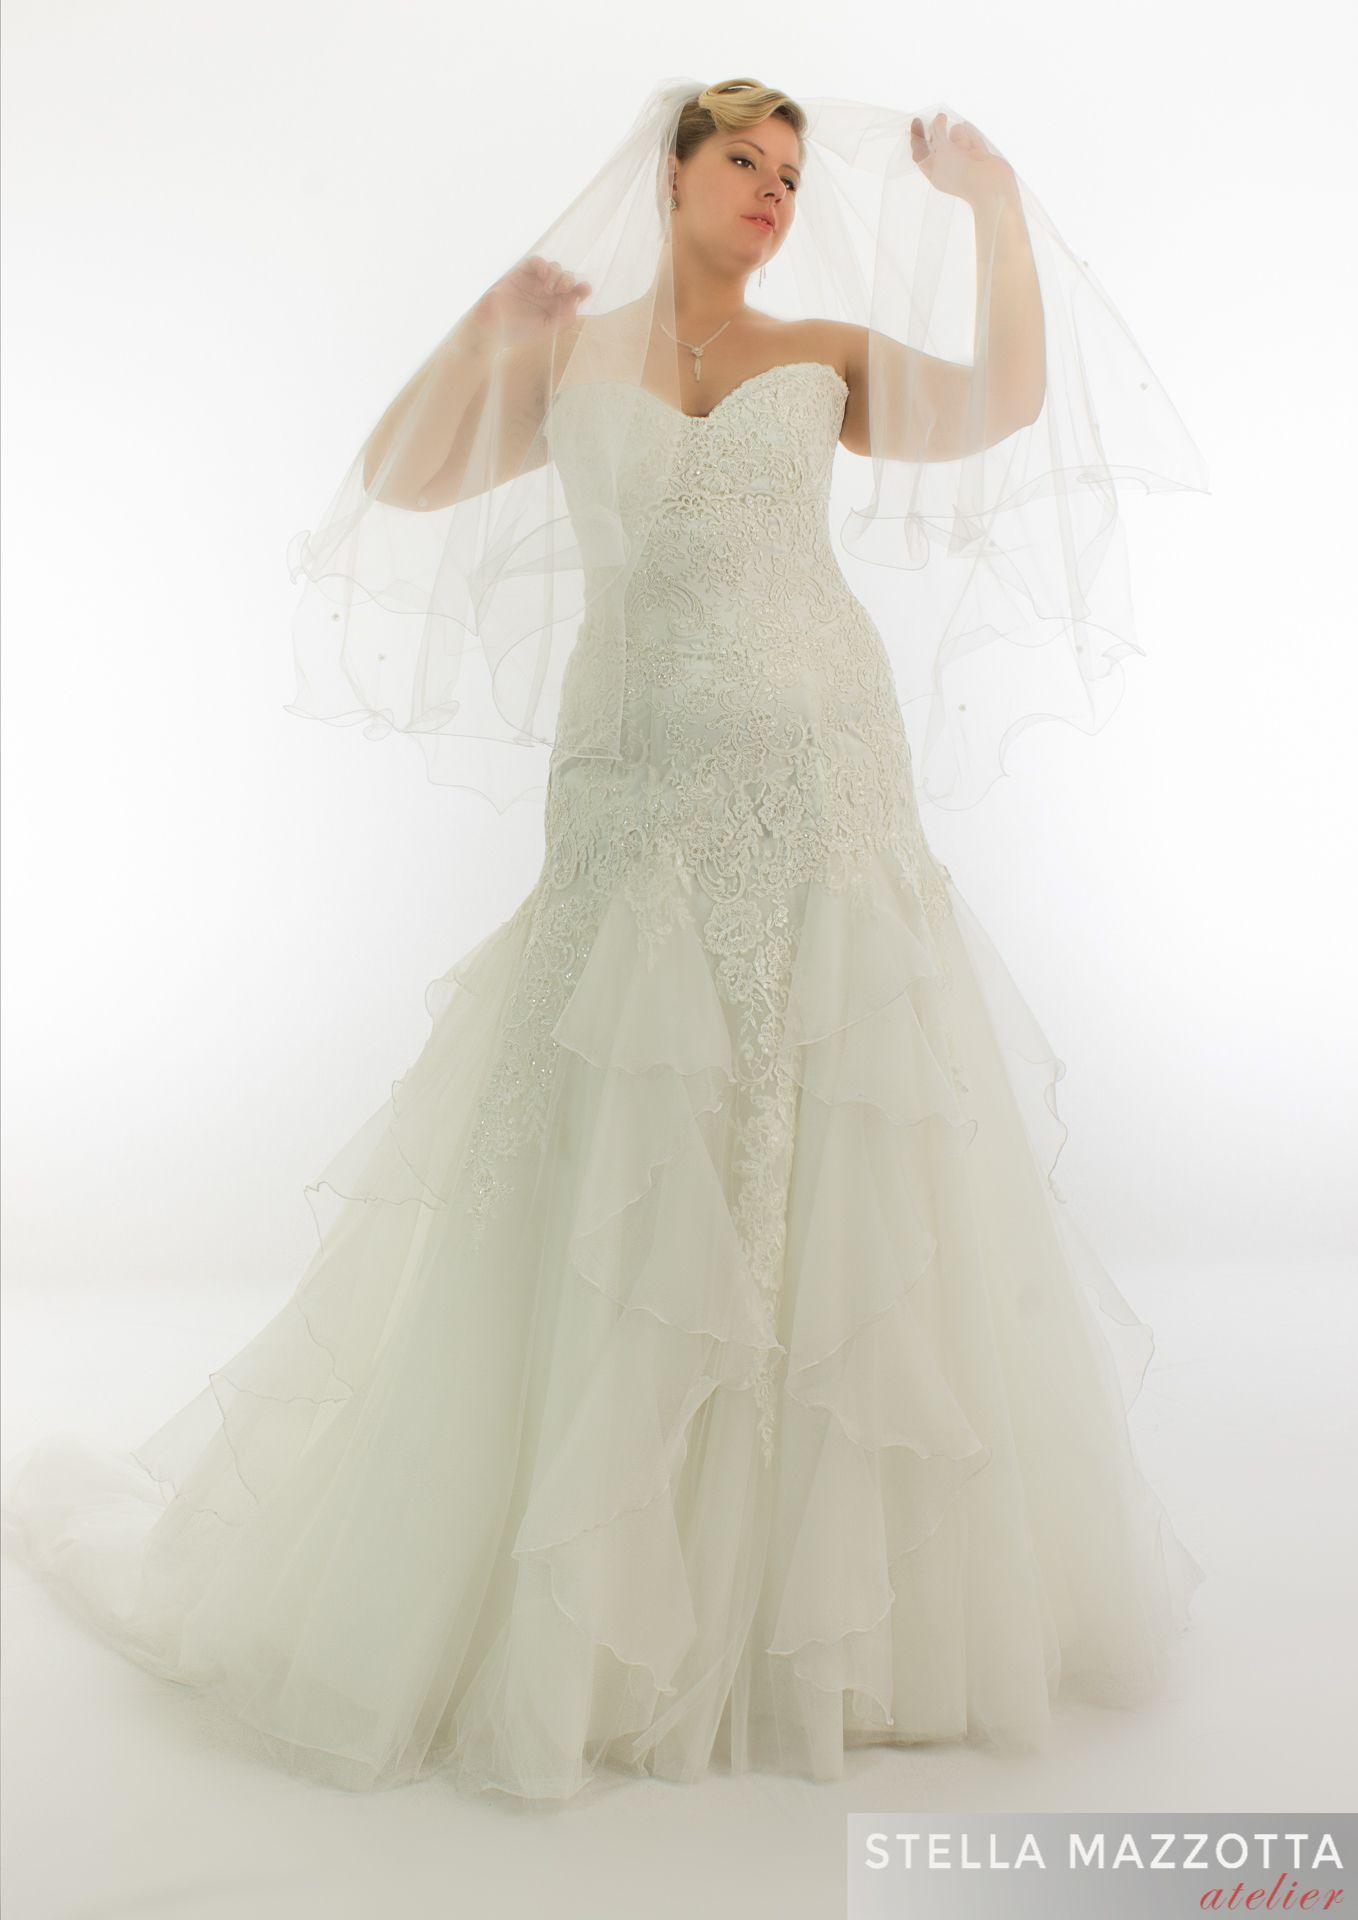 Venite A Trovarci E Vi Permetteremo Di Mostrare Tutta La Bellezza E L Eleganza Che Merita Il Vostro Giorno Piu Bello L Abilita De Abiti Da Sposa Sposa Abiti